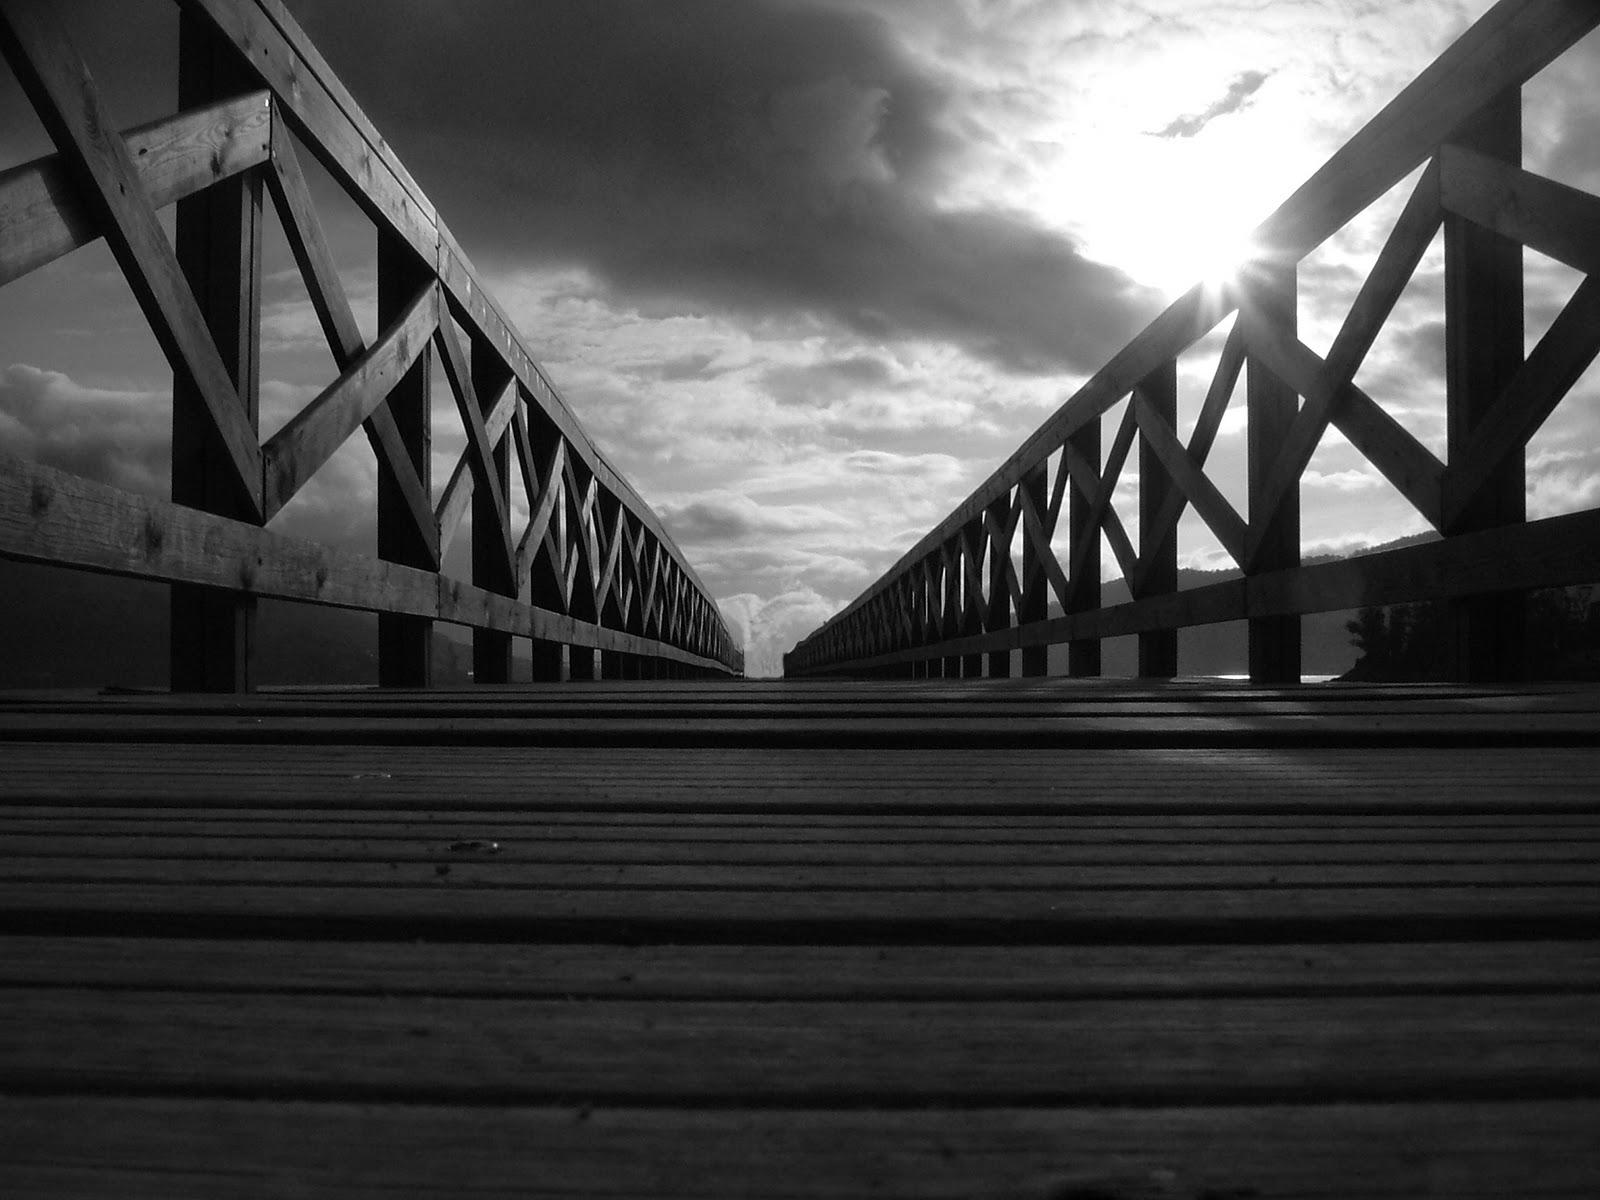 Guerra y paz foto en blanco y negro - Fotos en blanco ...